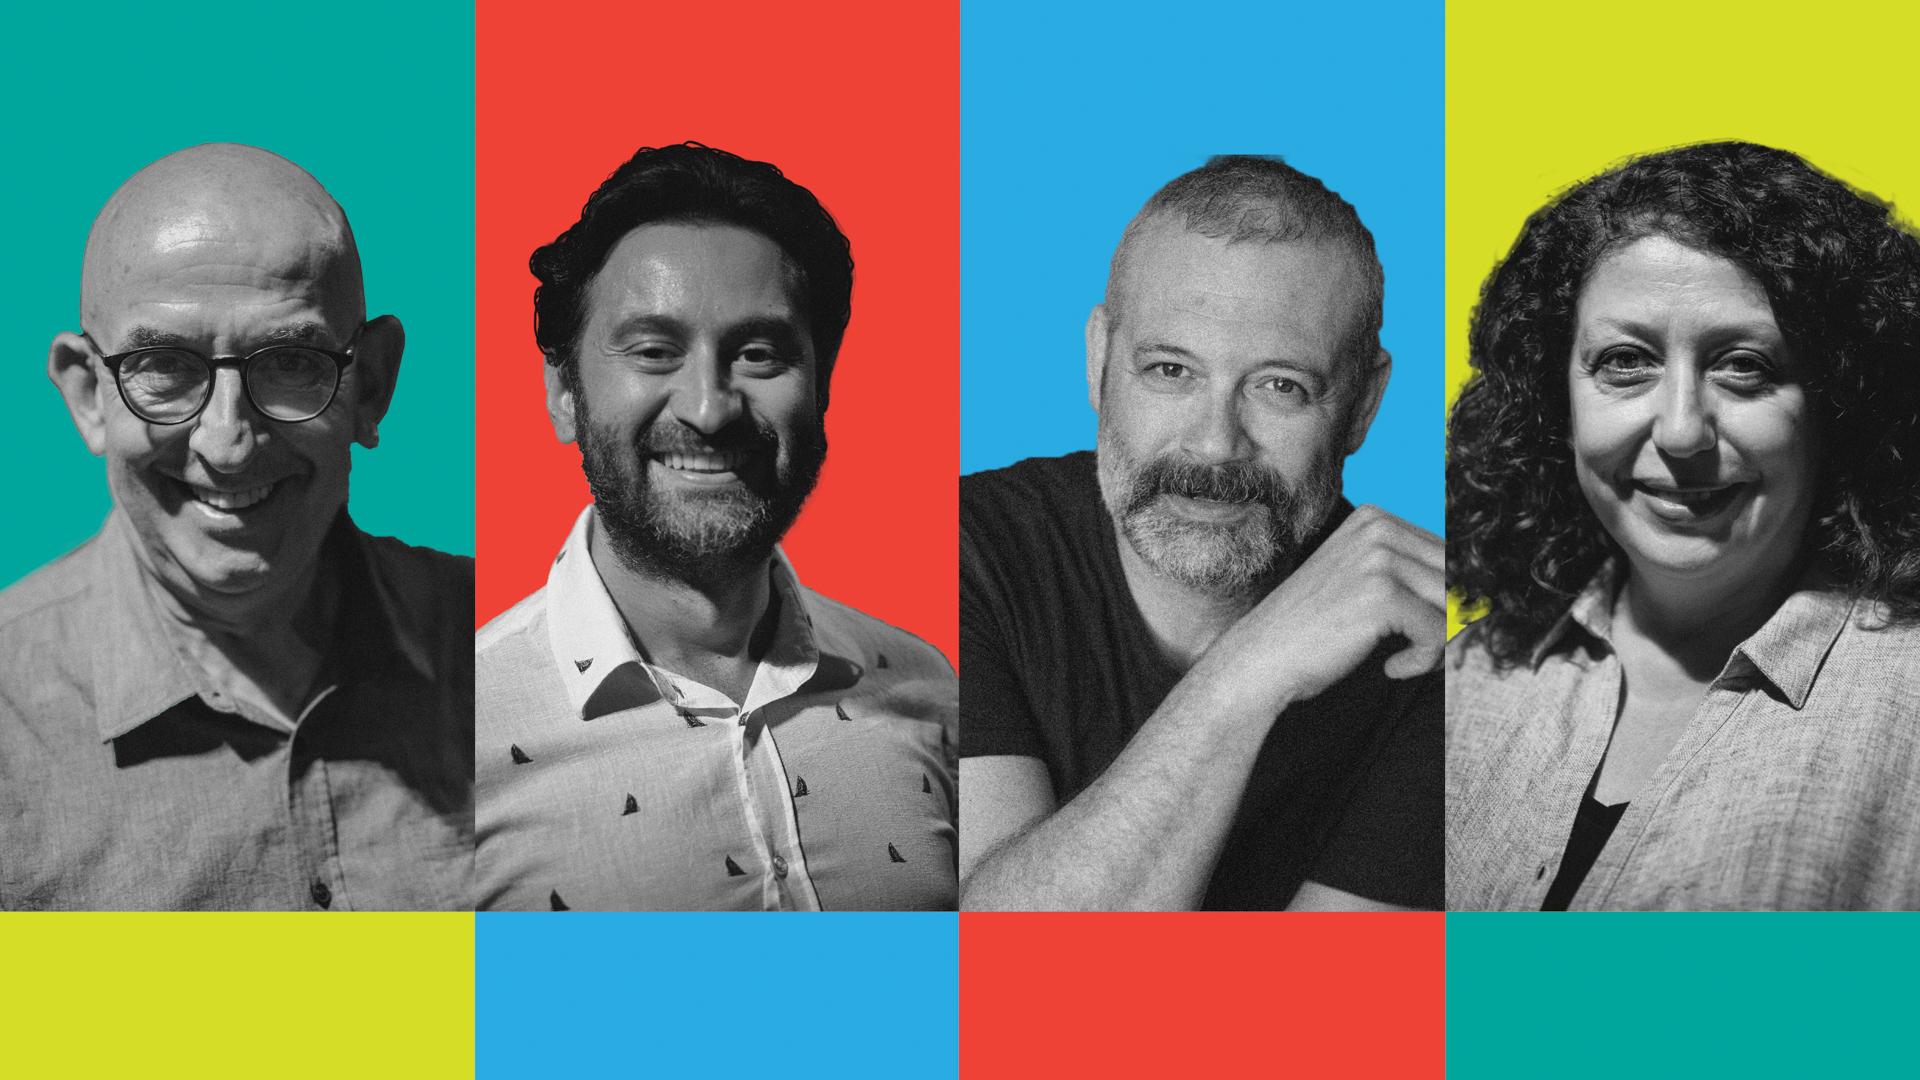 Oyunculukta Düşünsellik ve Yaratıcılık <br> Metin Balay, Arda Öztürk, Levent Üzümcü, Fakiye Özsoysal